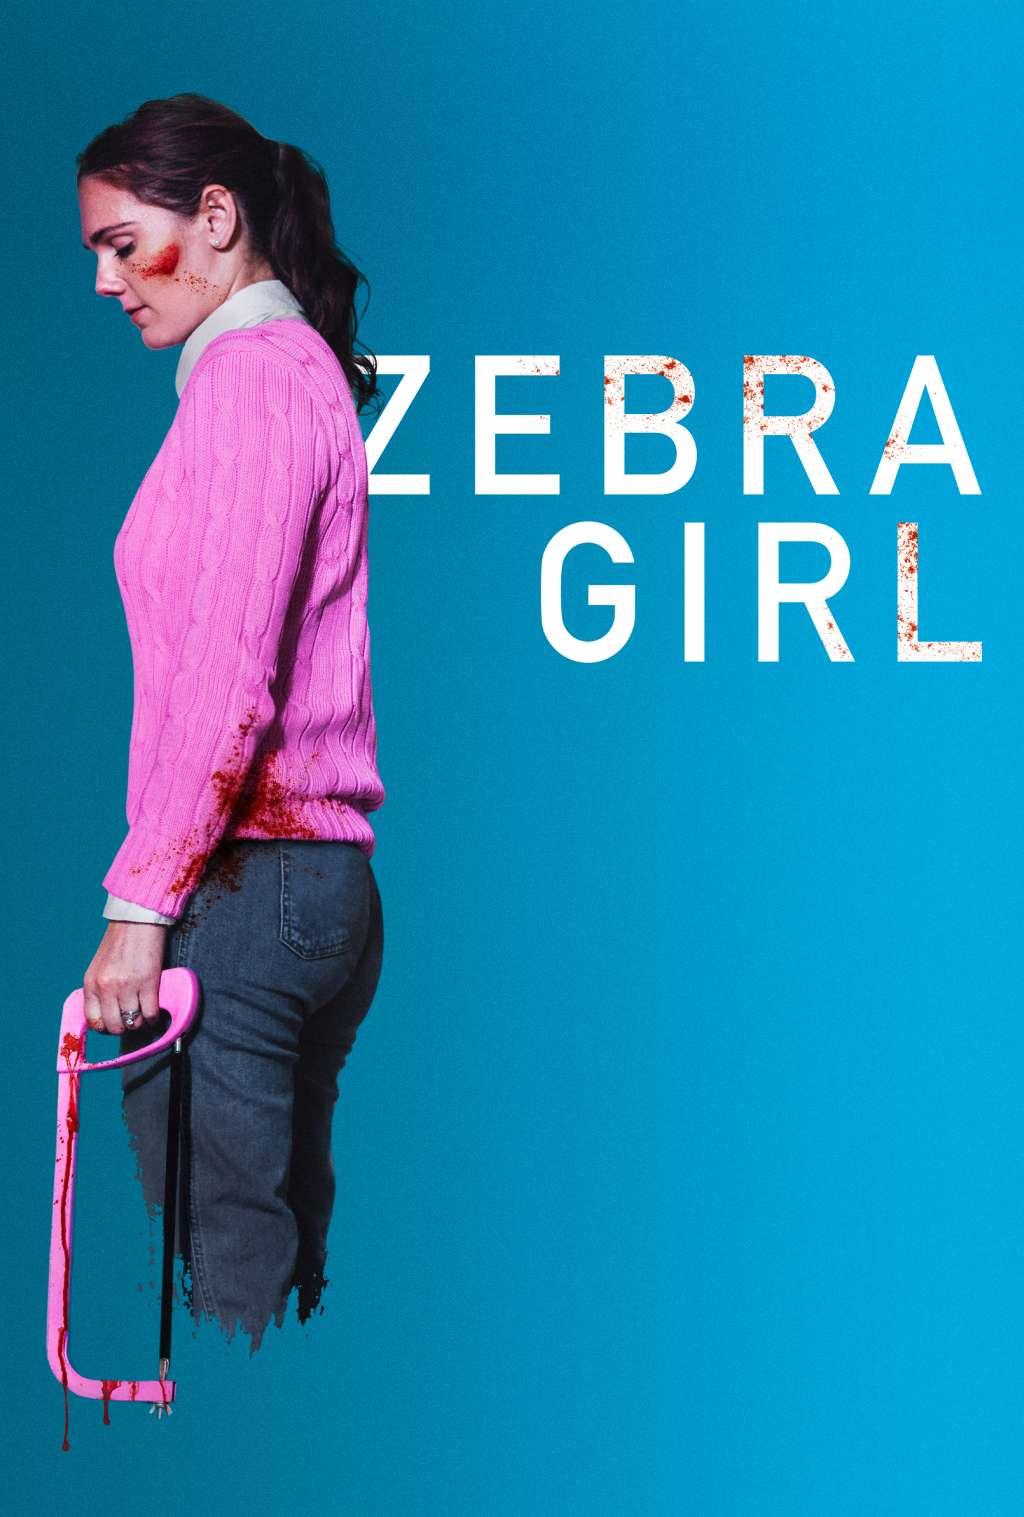 Zebra Girl kapak